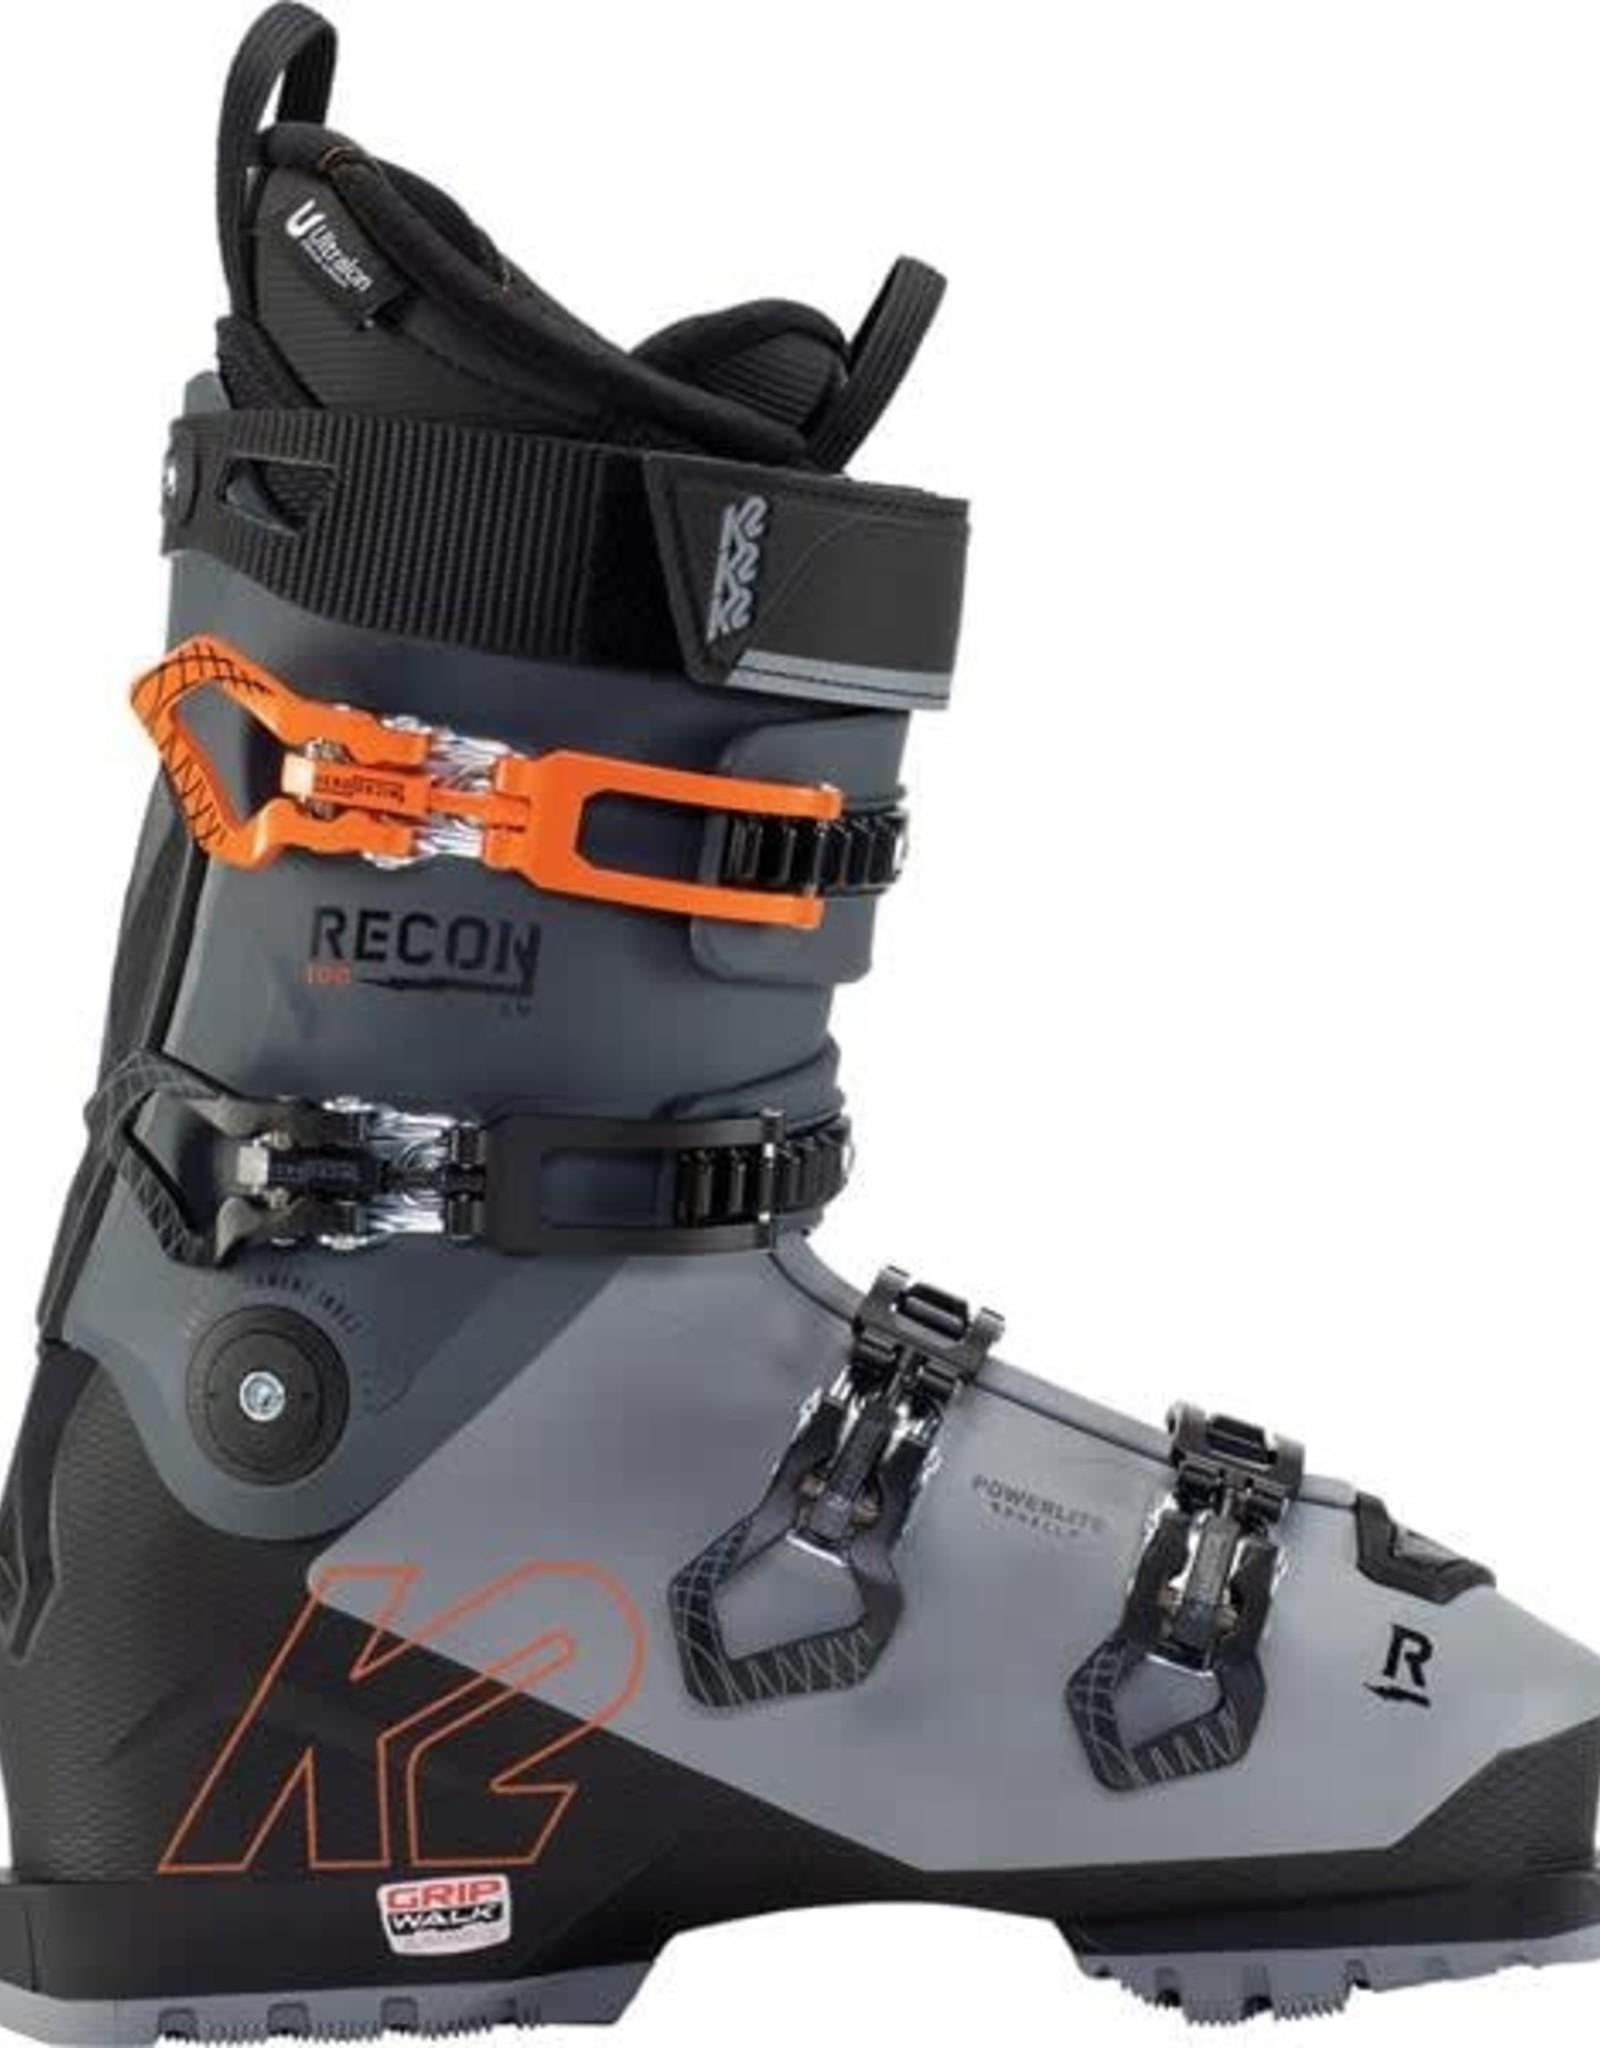 K2 K2 Ski Boots RECON 100 LV (20/21)